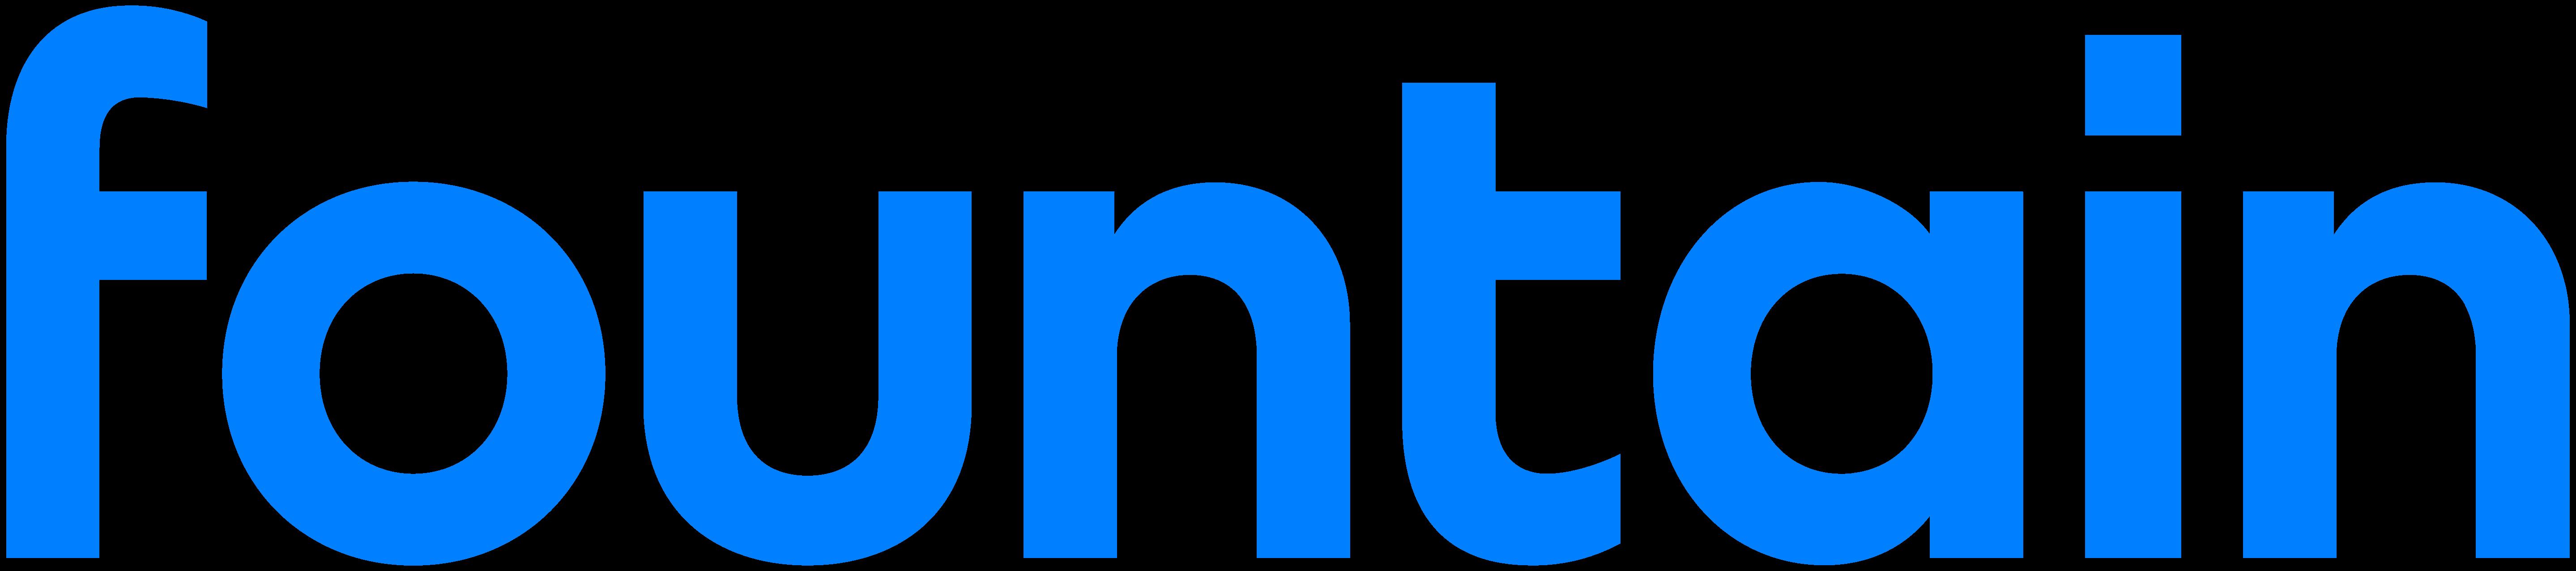 Fountain-Logo-Blue 1